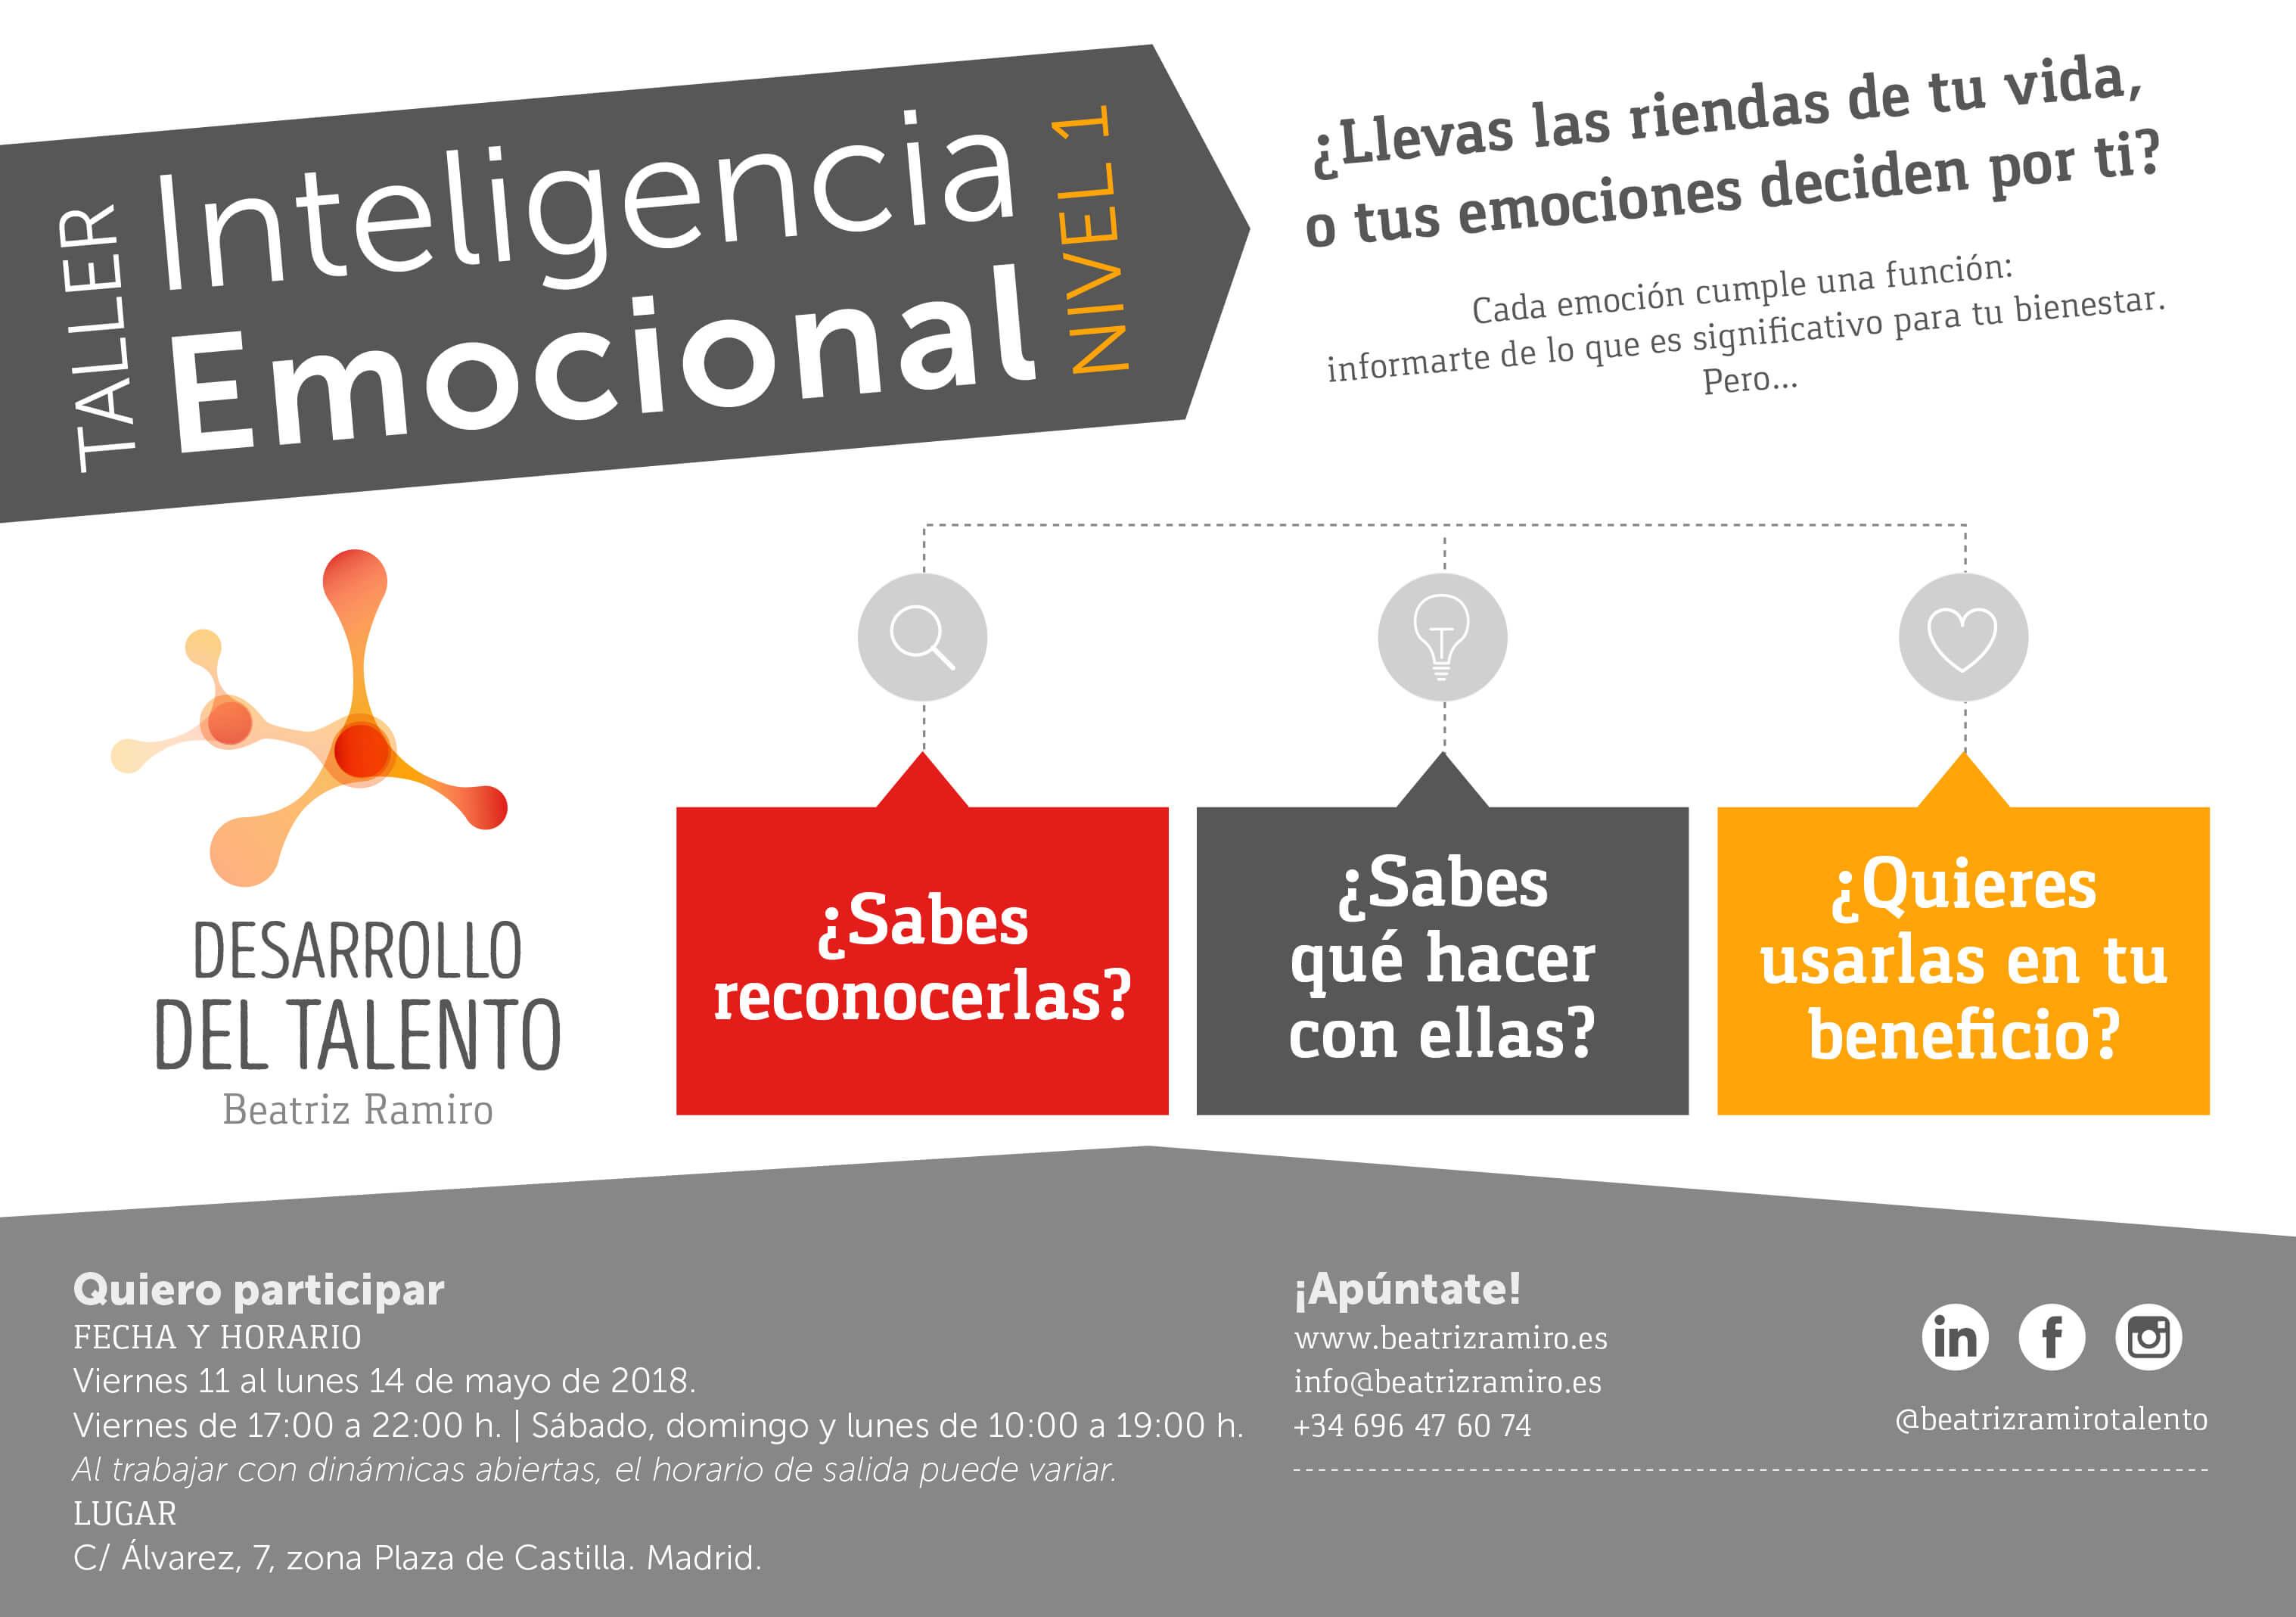 http://beatrizramiro.es/servicios/